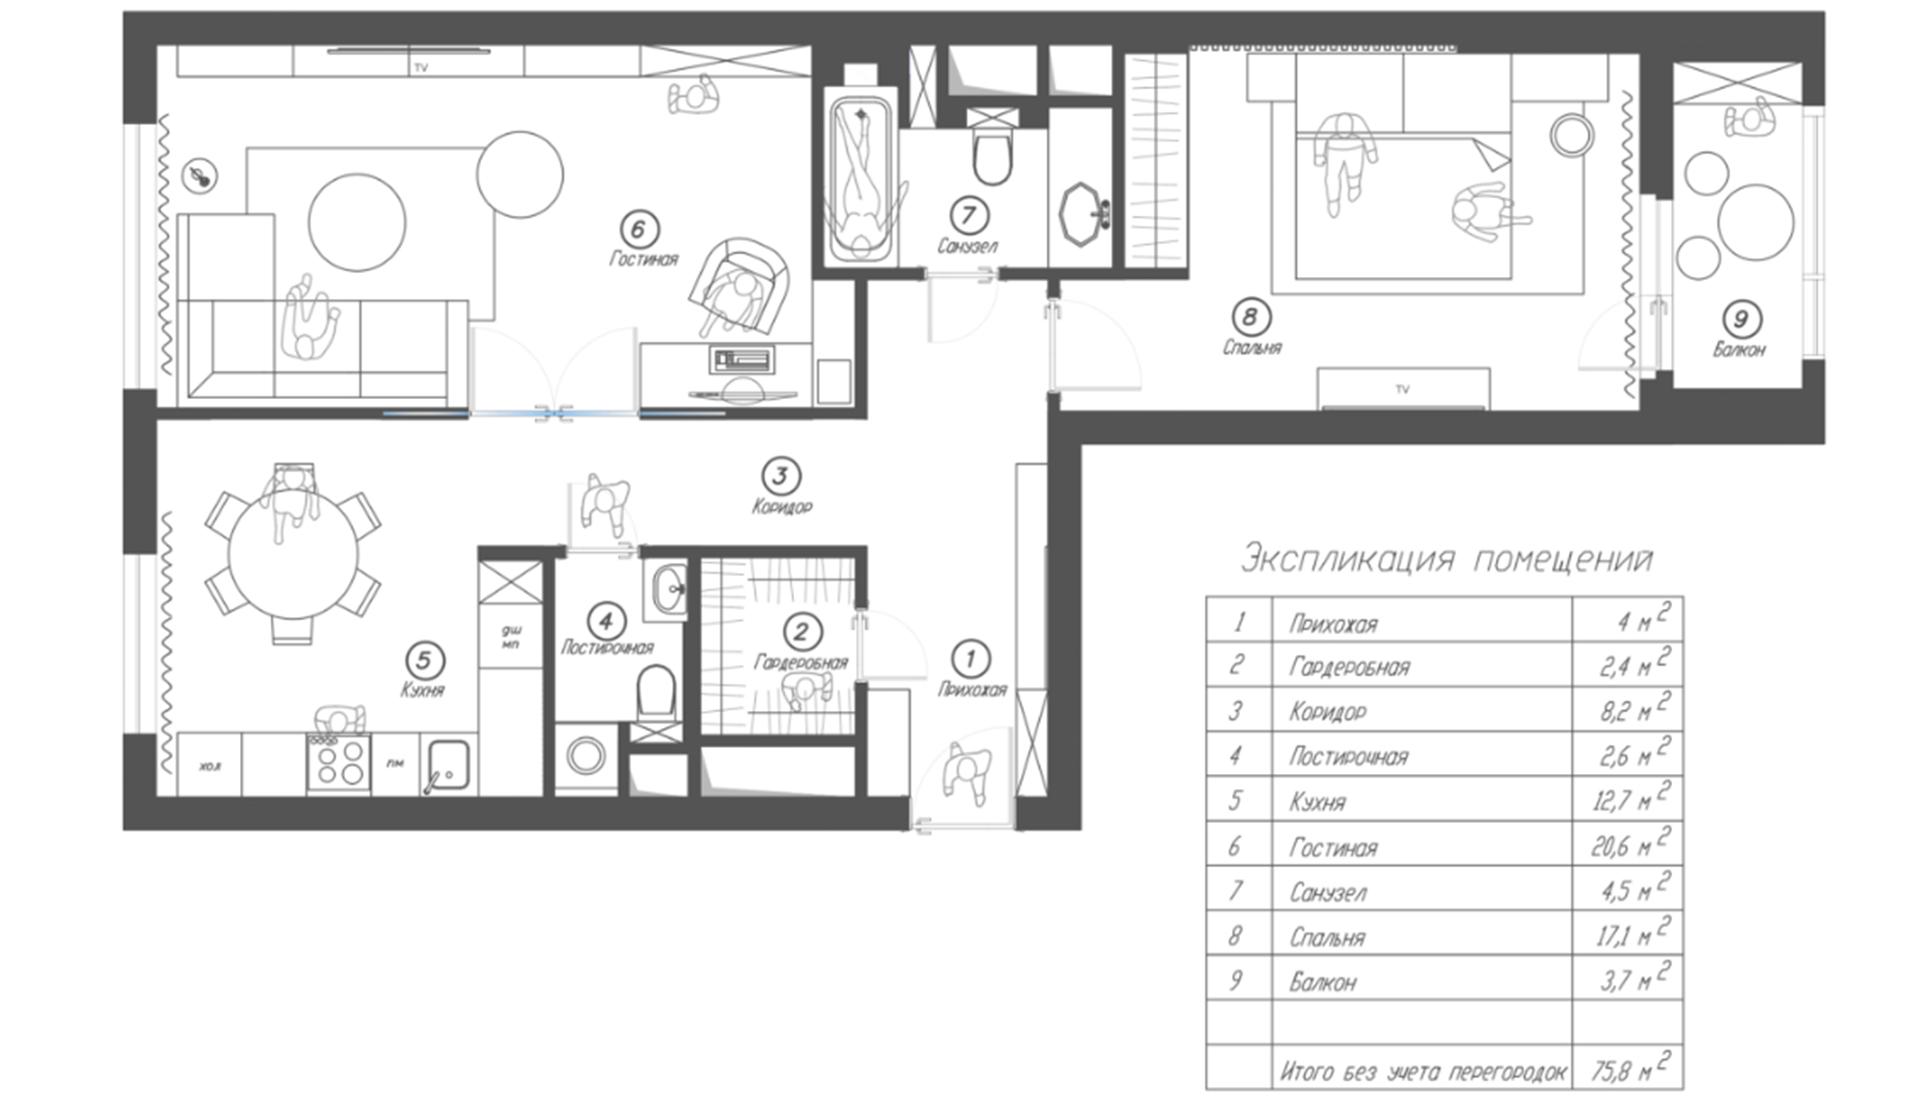 Планировка квартиры 75 кв. метров фото